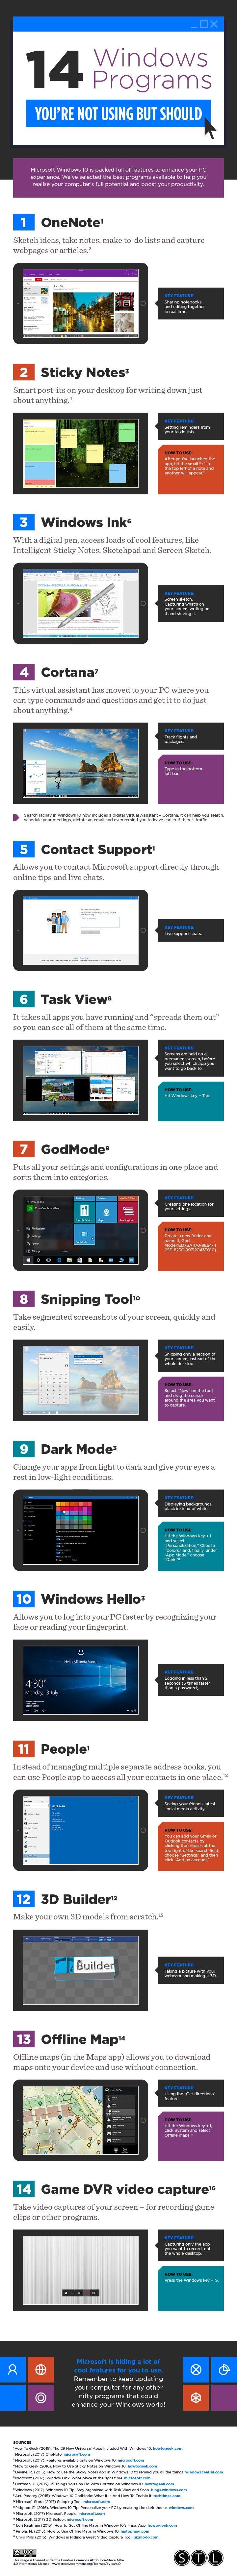 14 programas de Windows que probablemente no estés usando, pero deberías